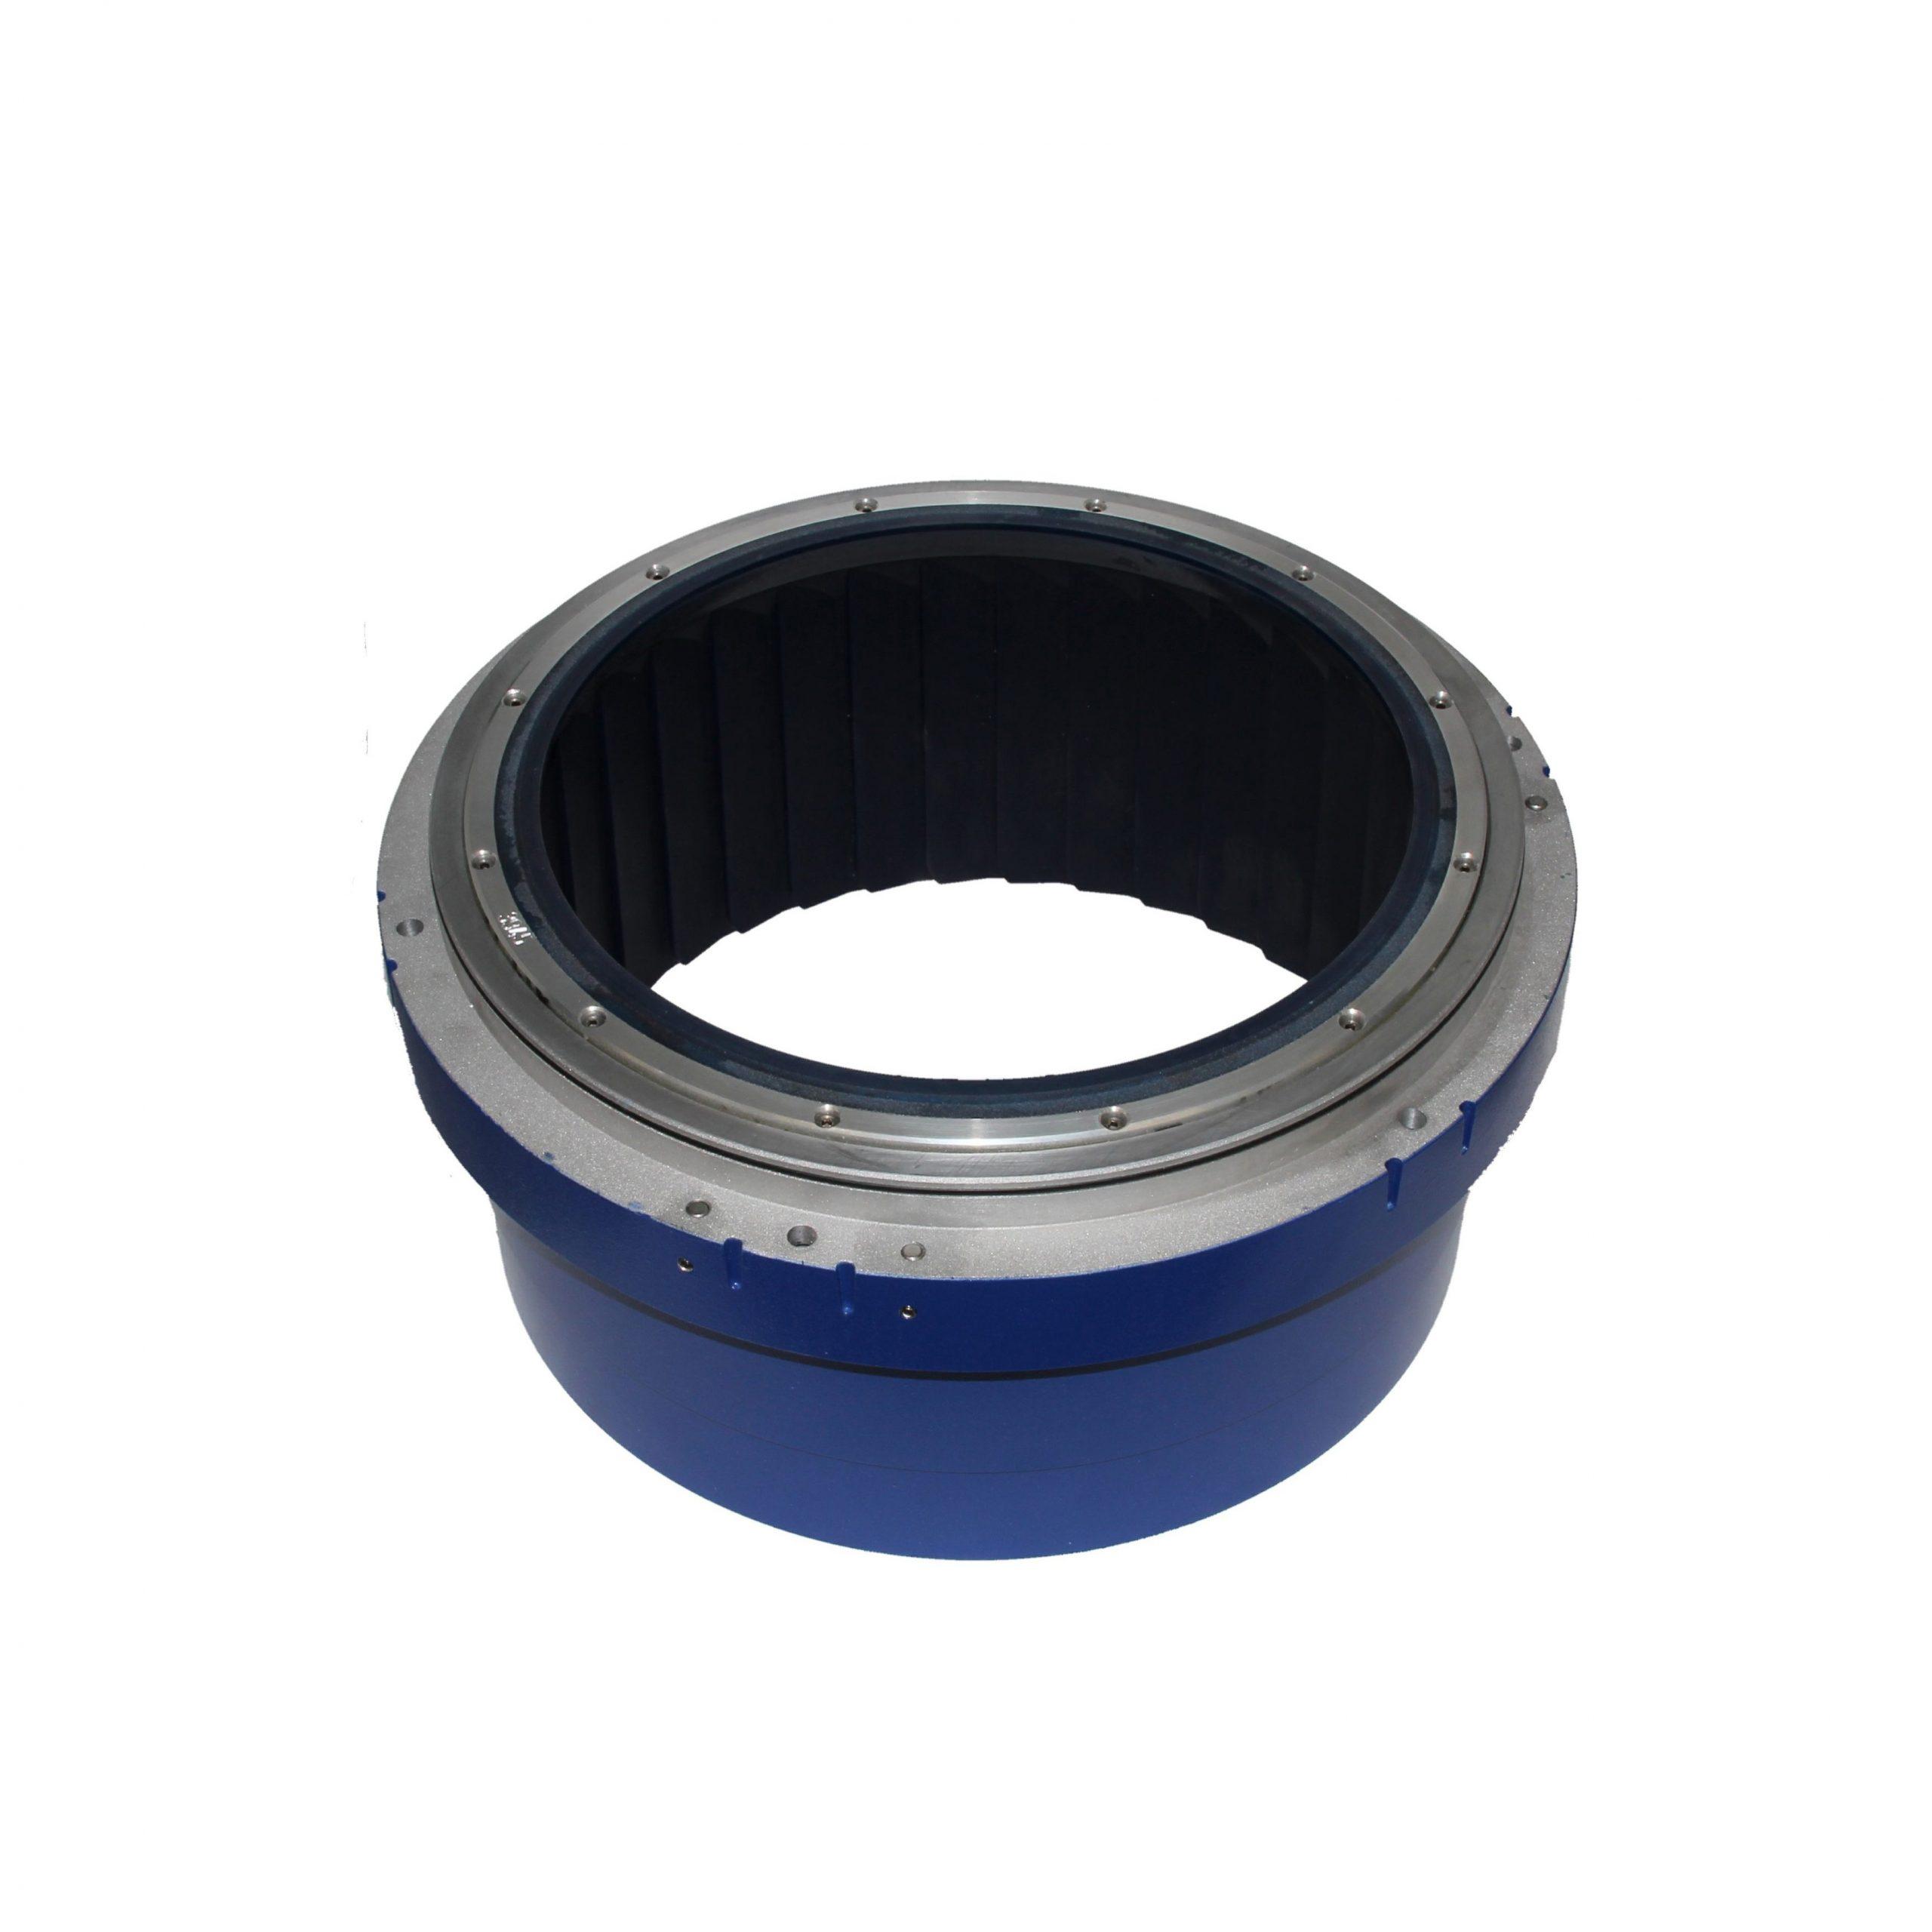 Верхняя крышка контейнера CF 9 для мокрого процесса Е009-31--003